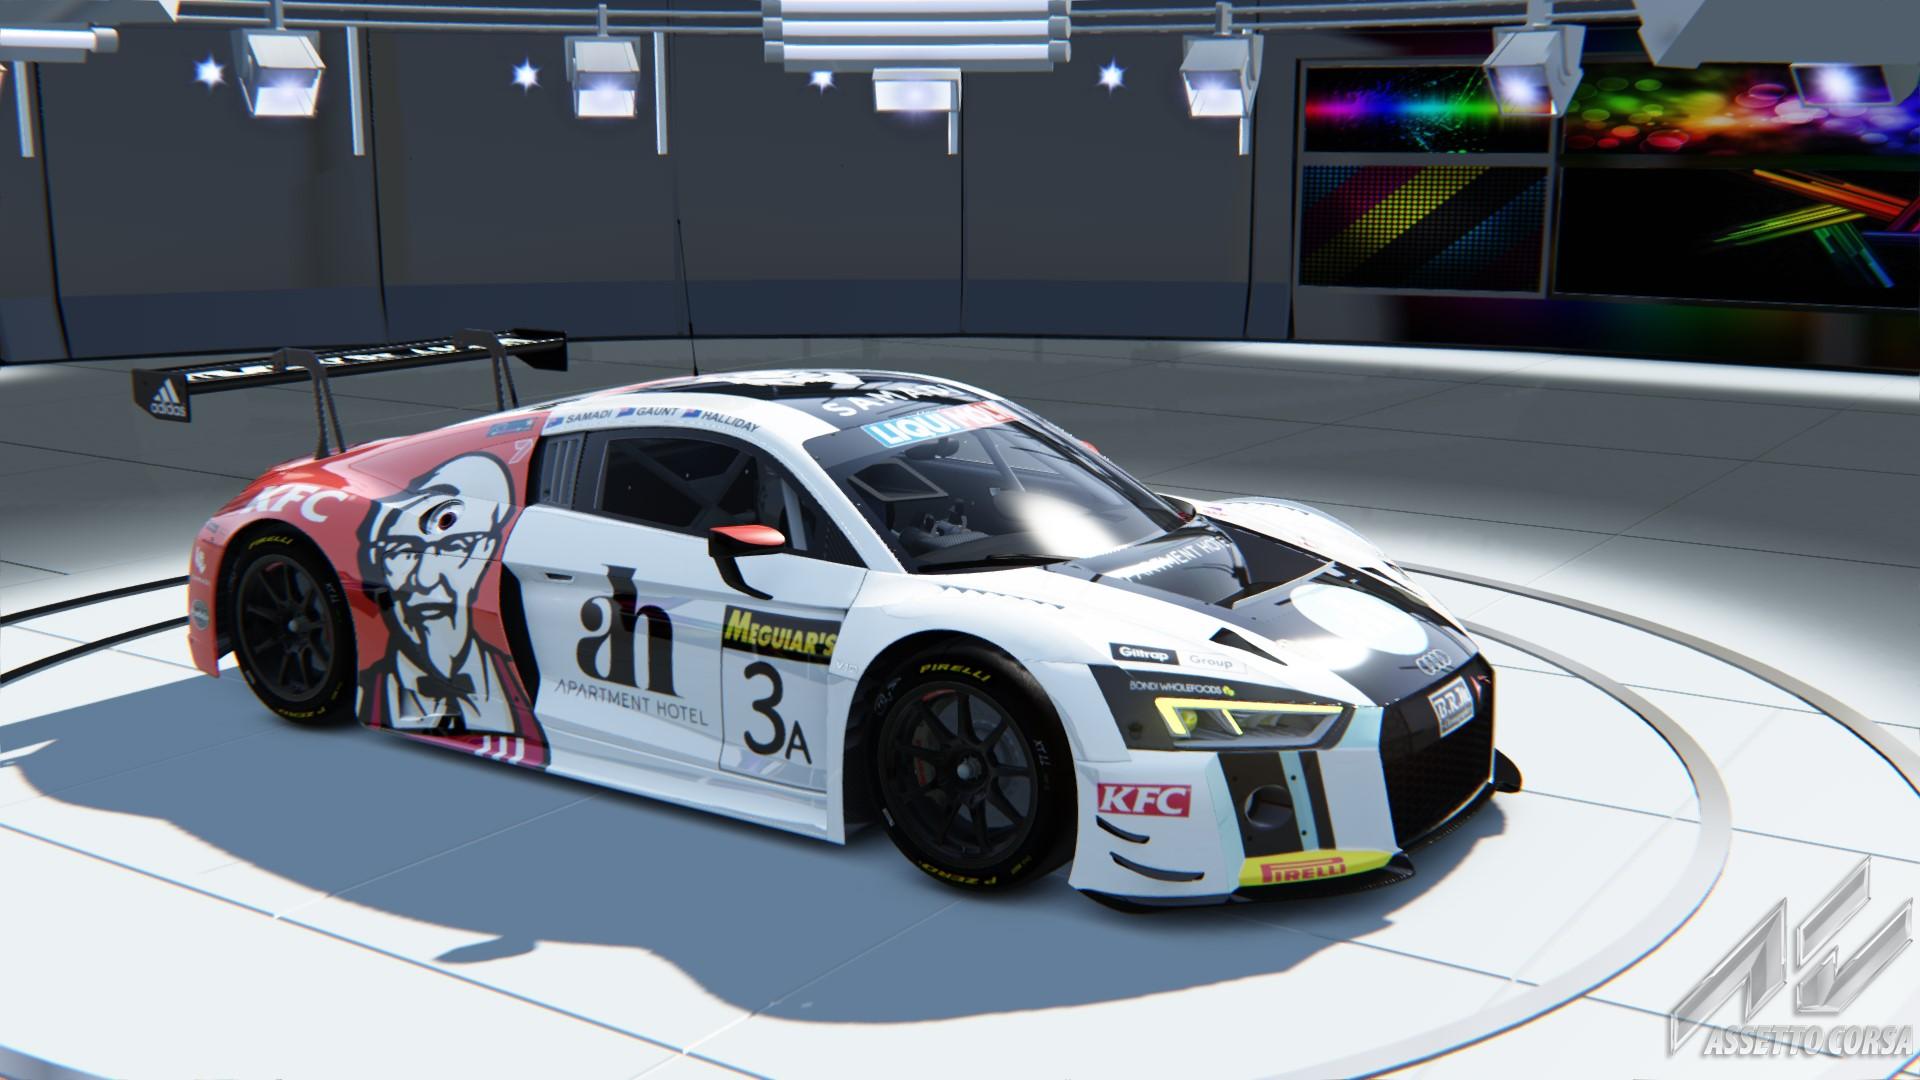 Audi r8 lms 2016 Endurance Bathurst 12 hour 2017 Team ASR